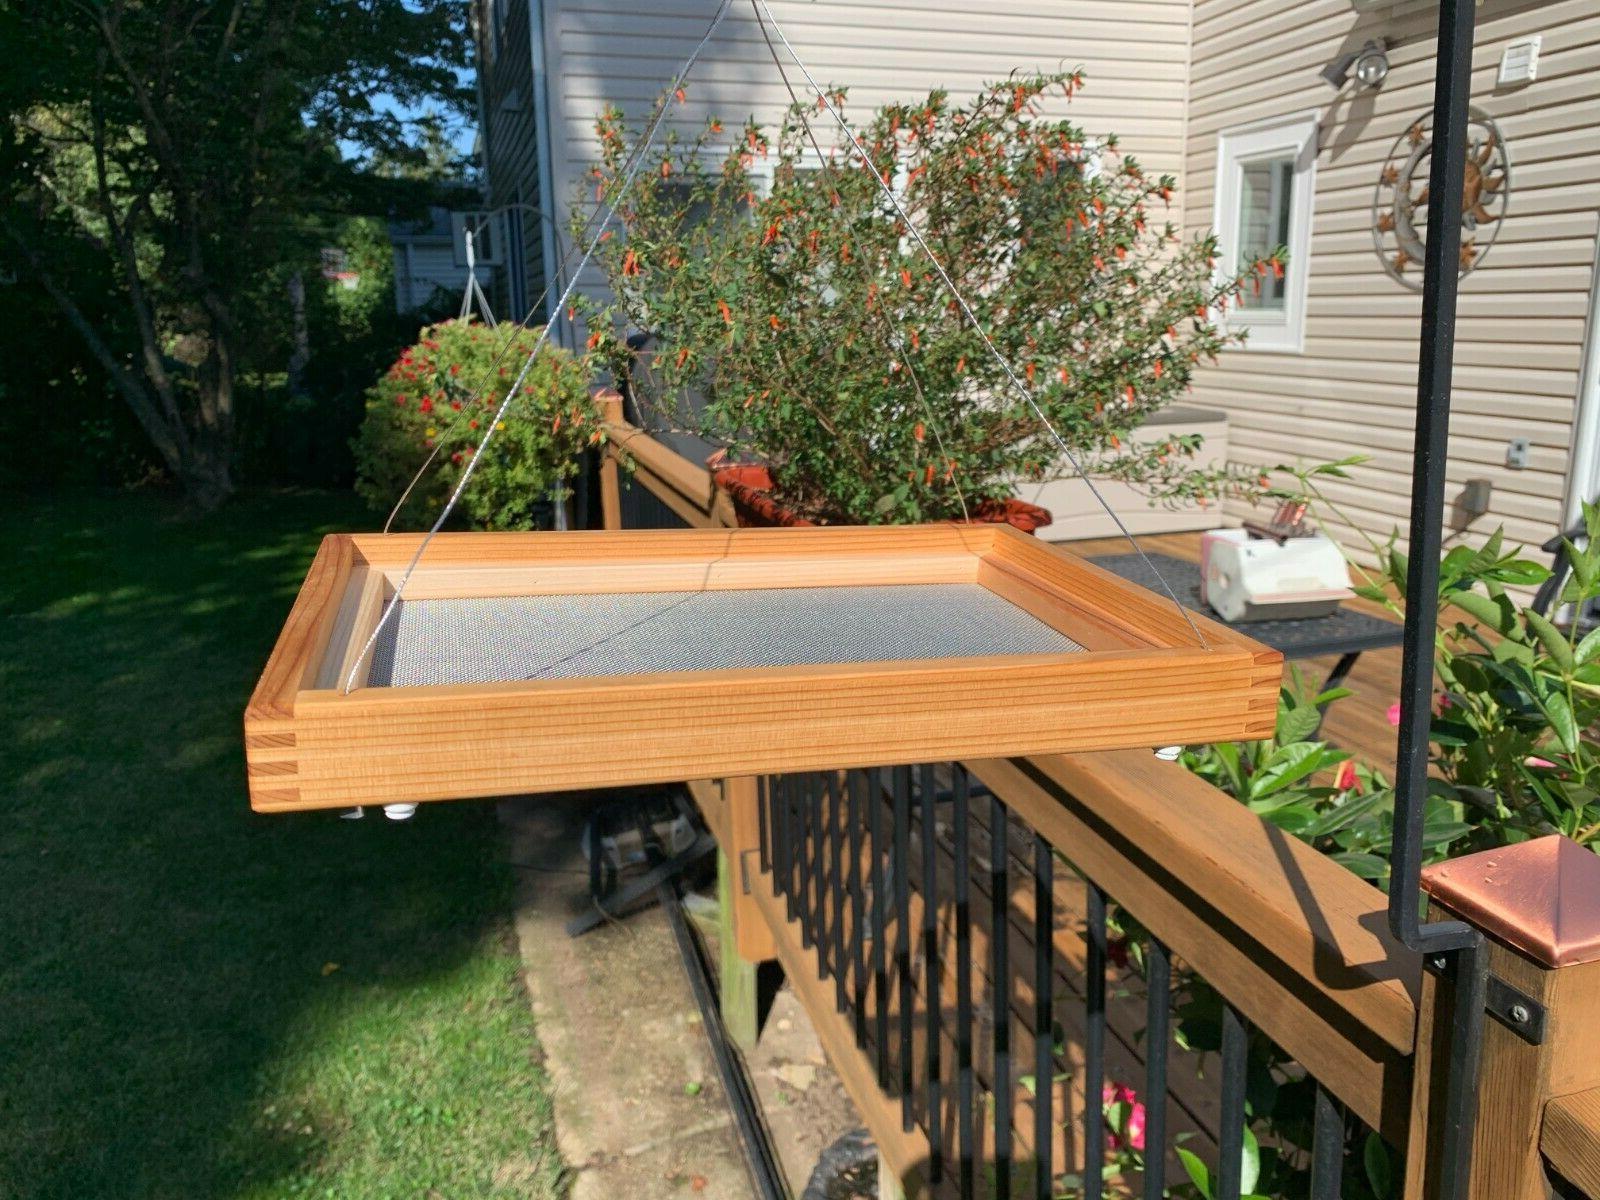 cedar hanging platform tray feeder for birds